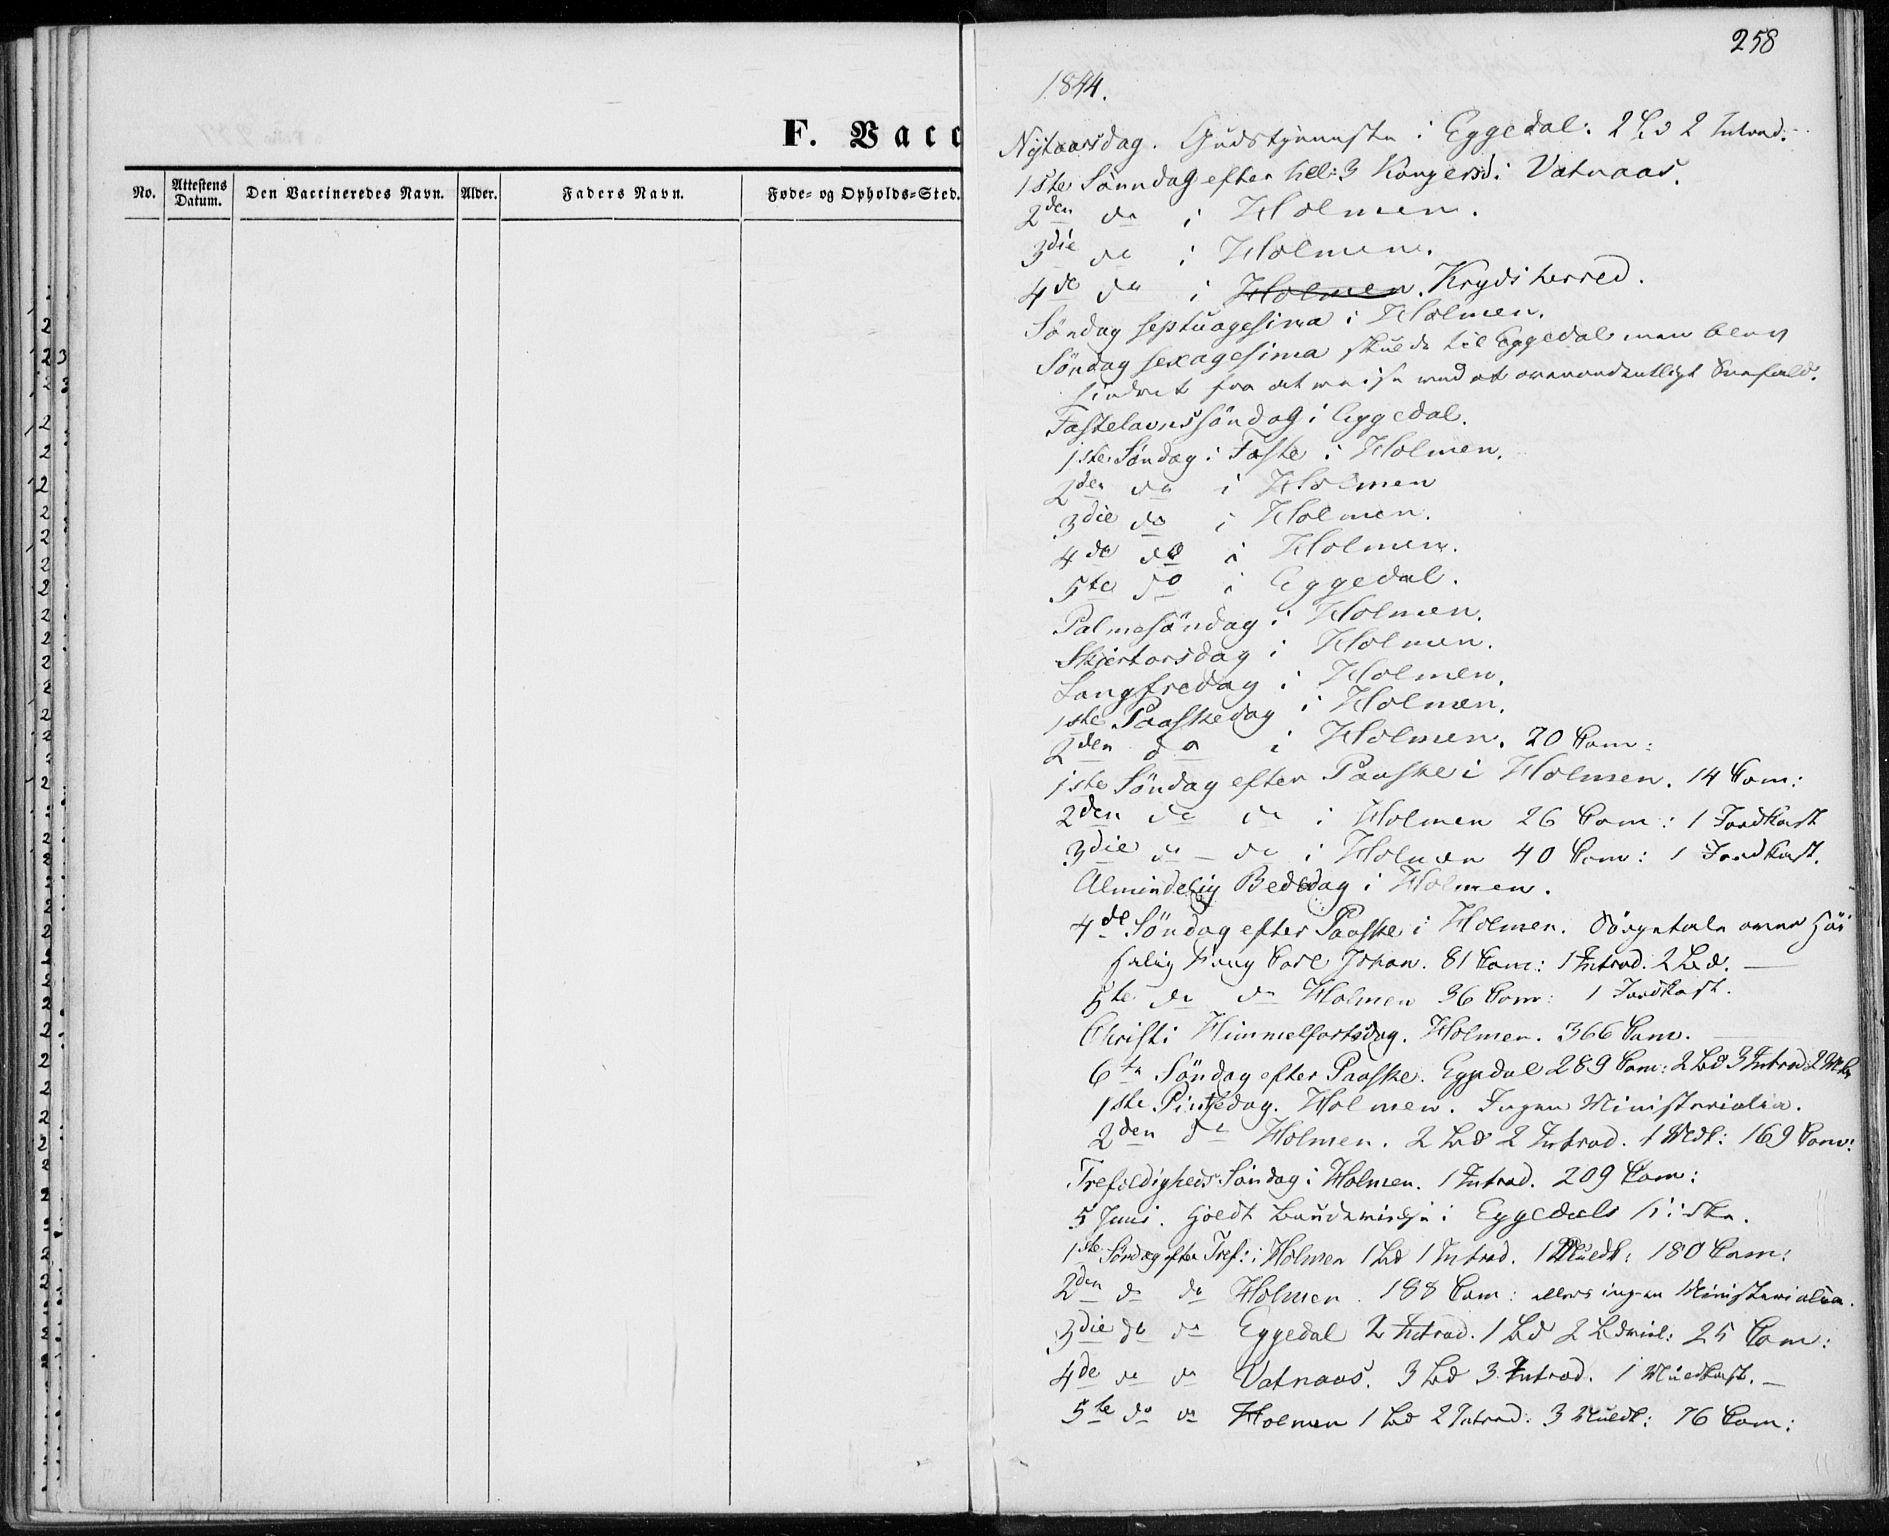 SAKO, Sigdal kirkebøker, F/Fa/L0007: Ministerialbok nr. I 7, 1844-1849, s. 258